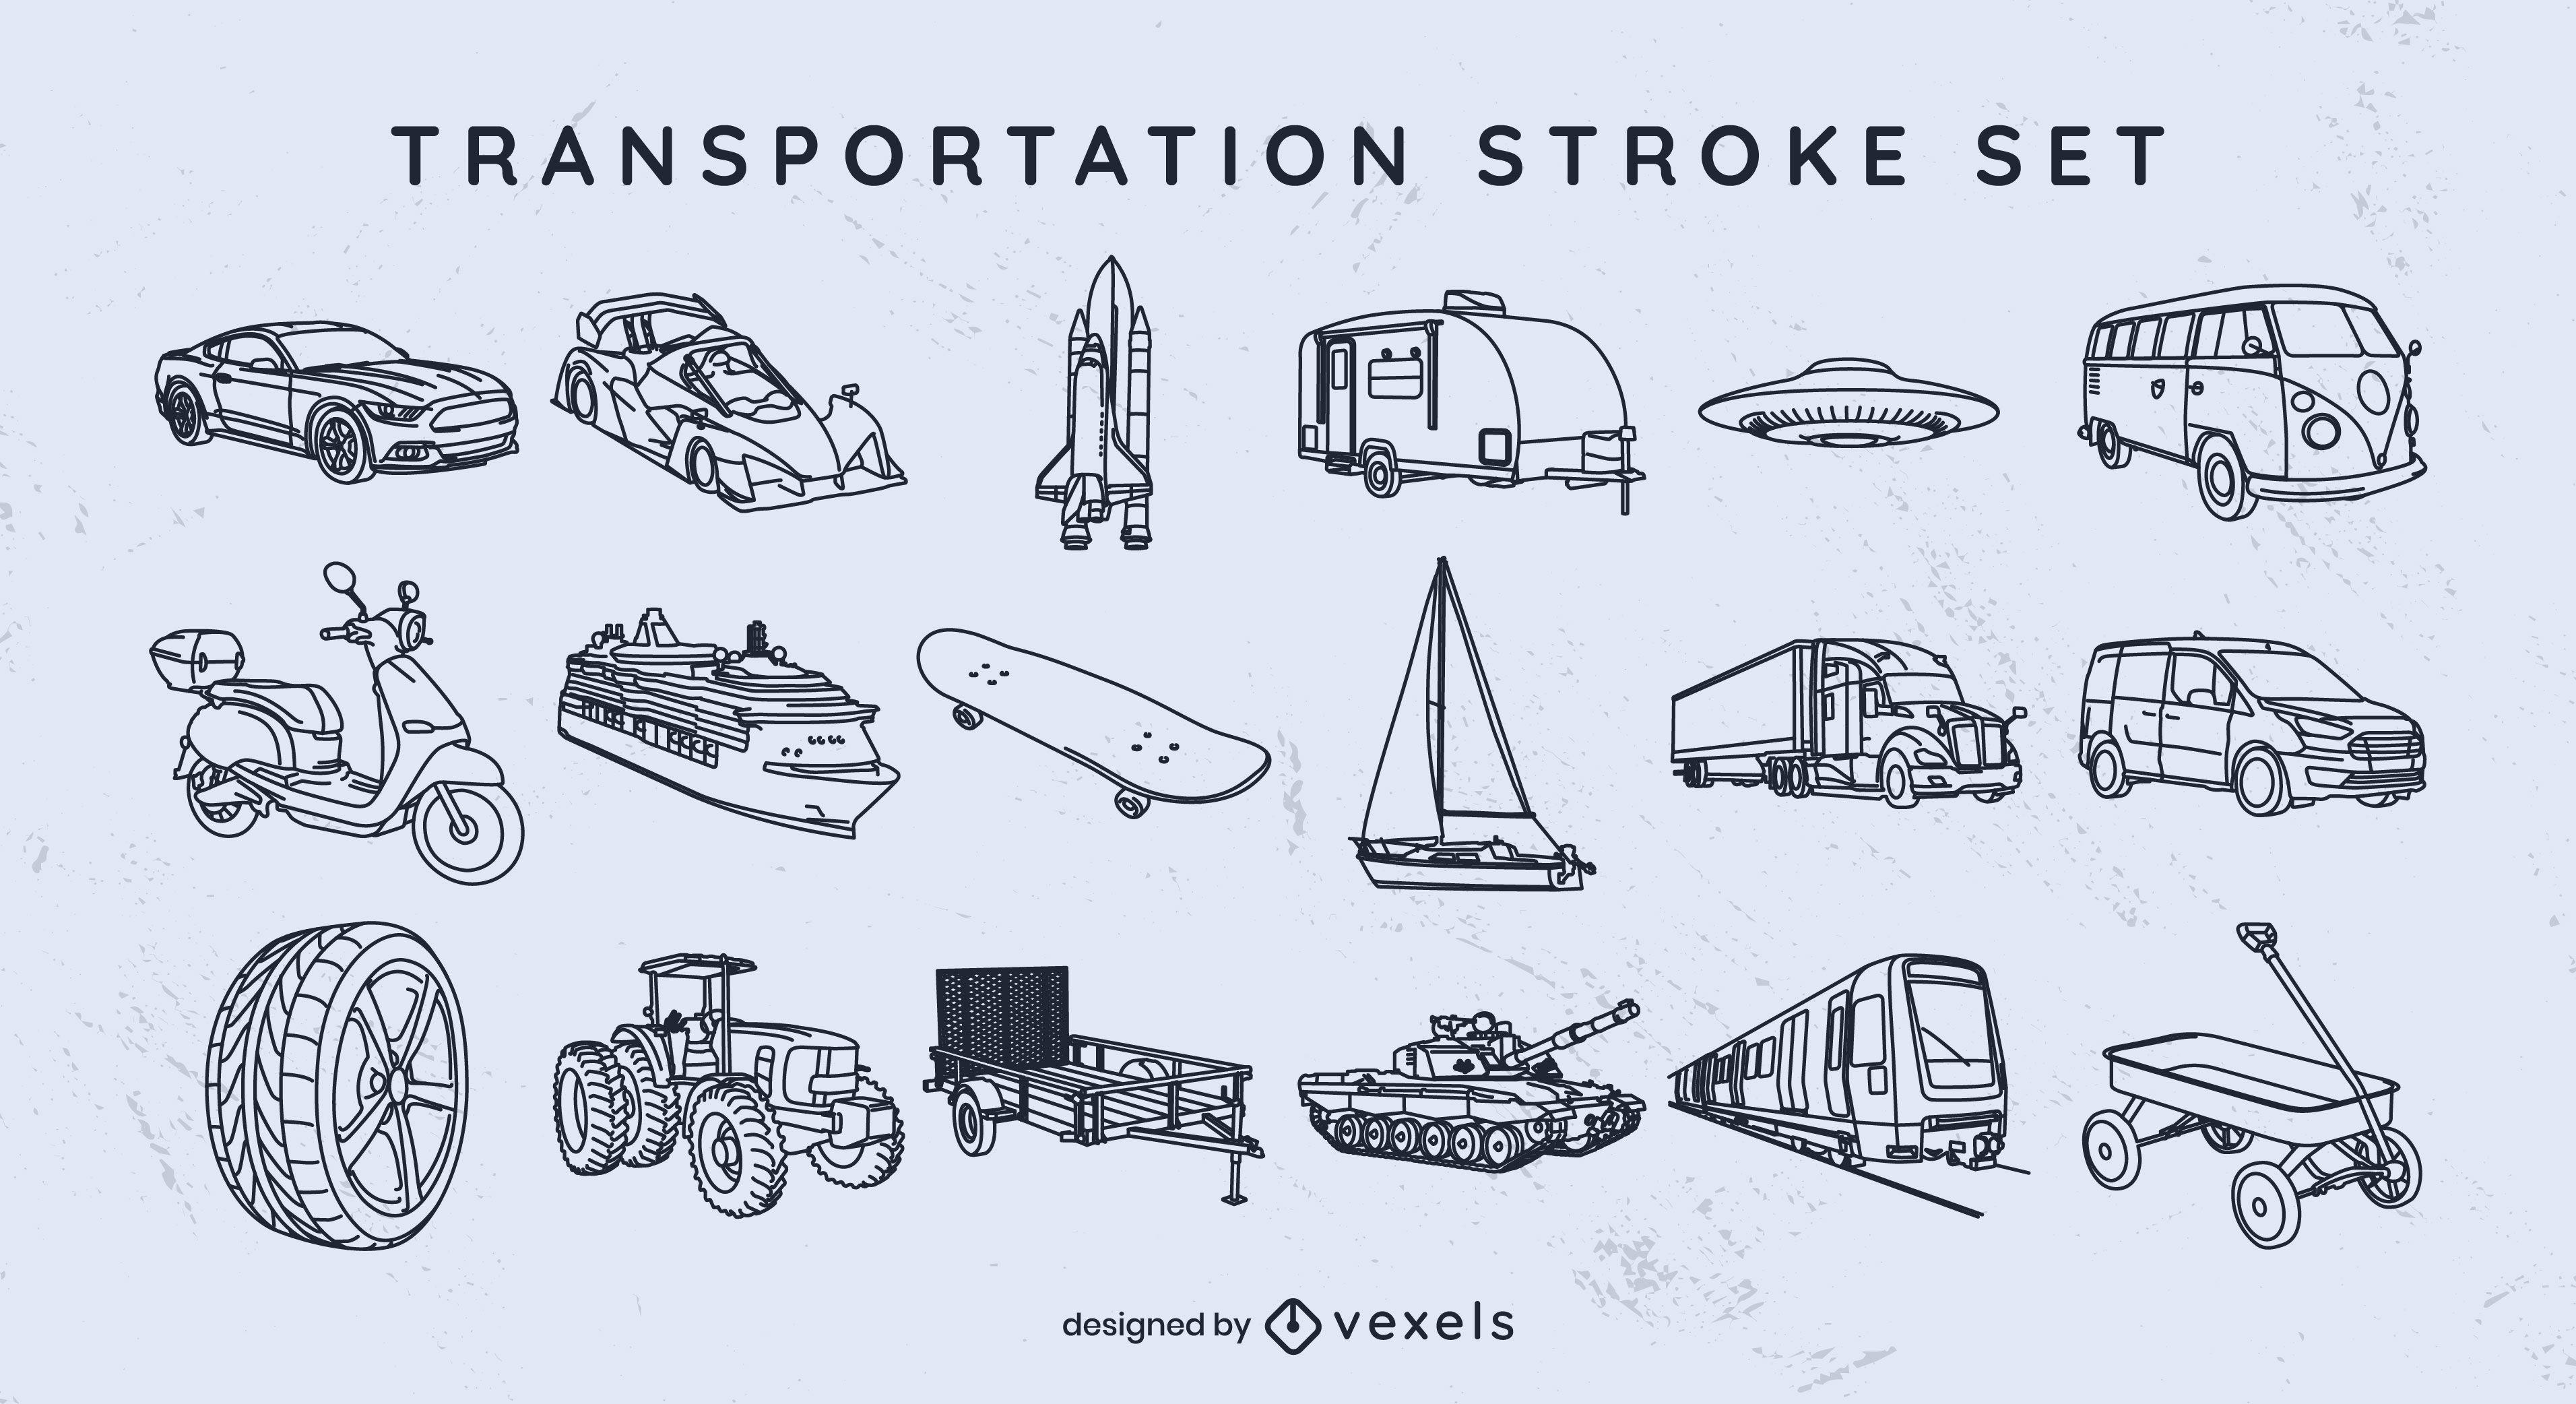 Means of transportation stroke set